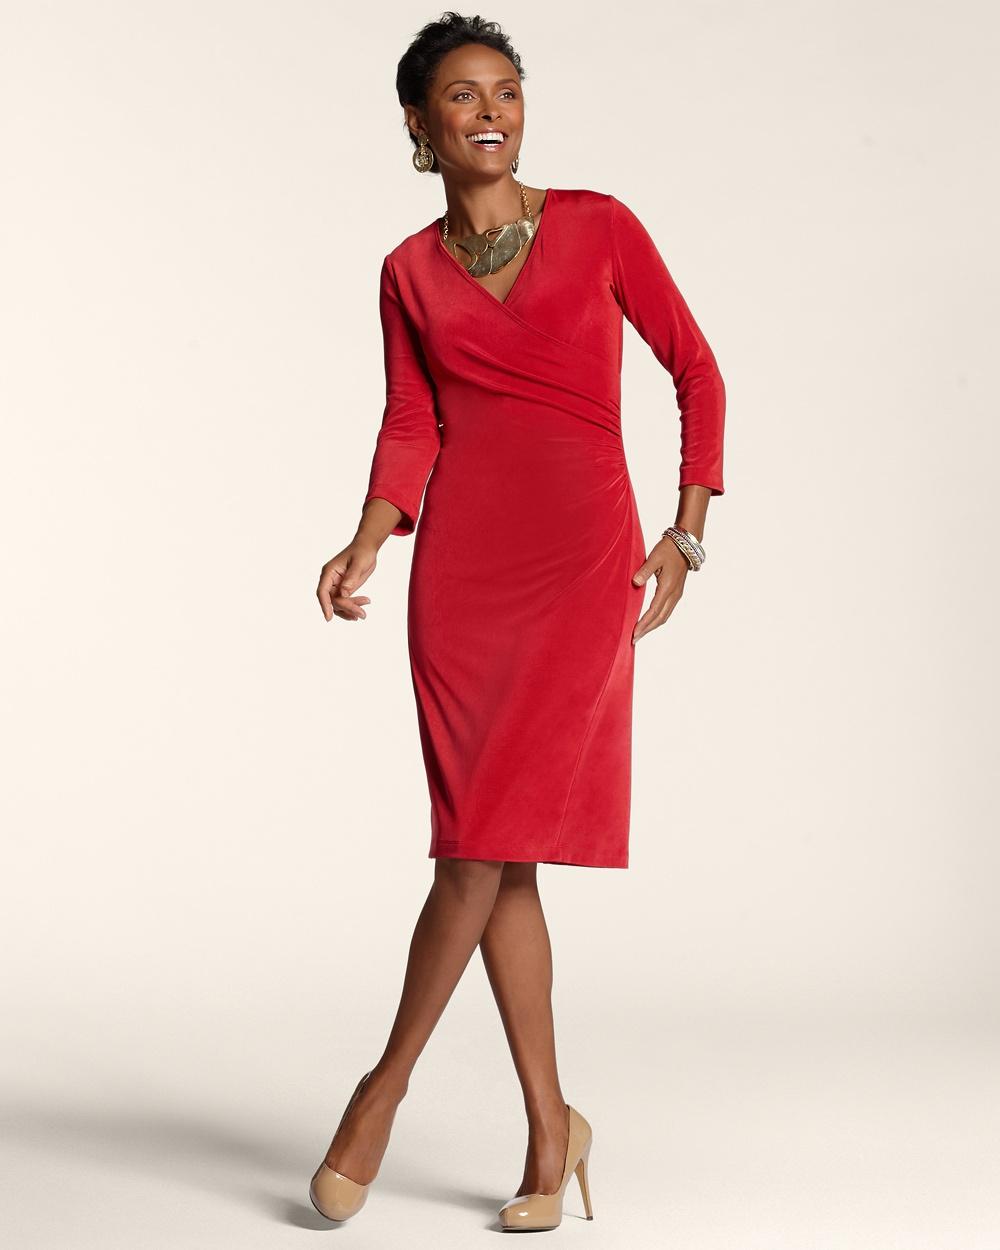 Amazoncom Sundresses FOR Women Over 50  Short Sleeve